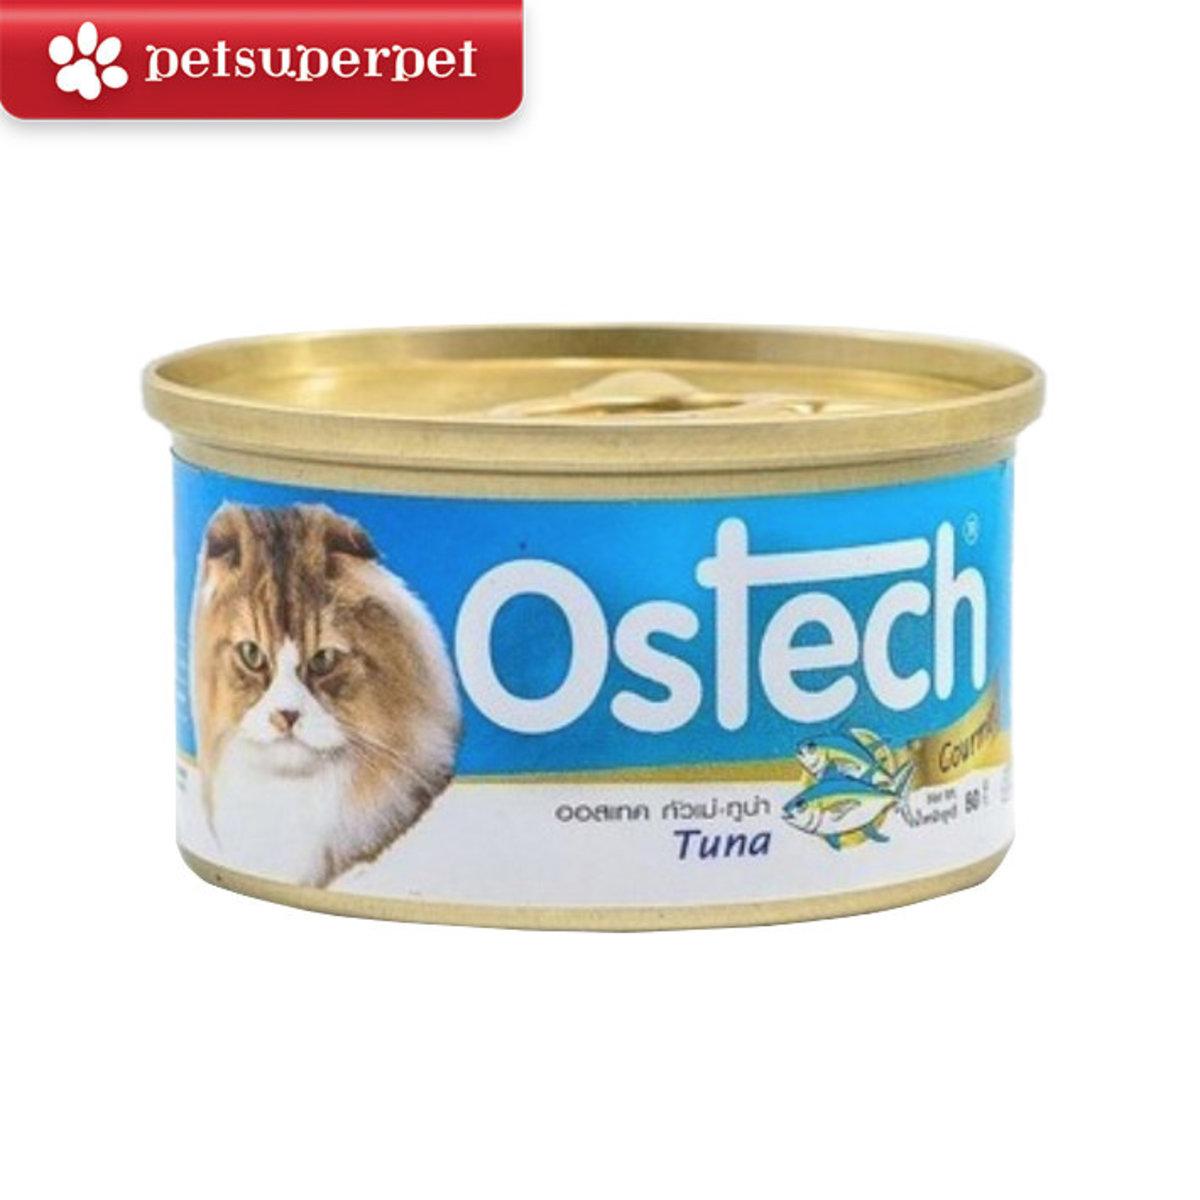 泰國吞拿魚貓罐 -  80g